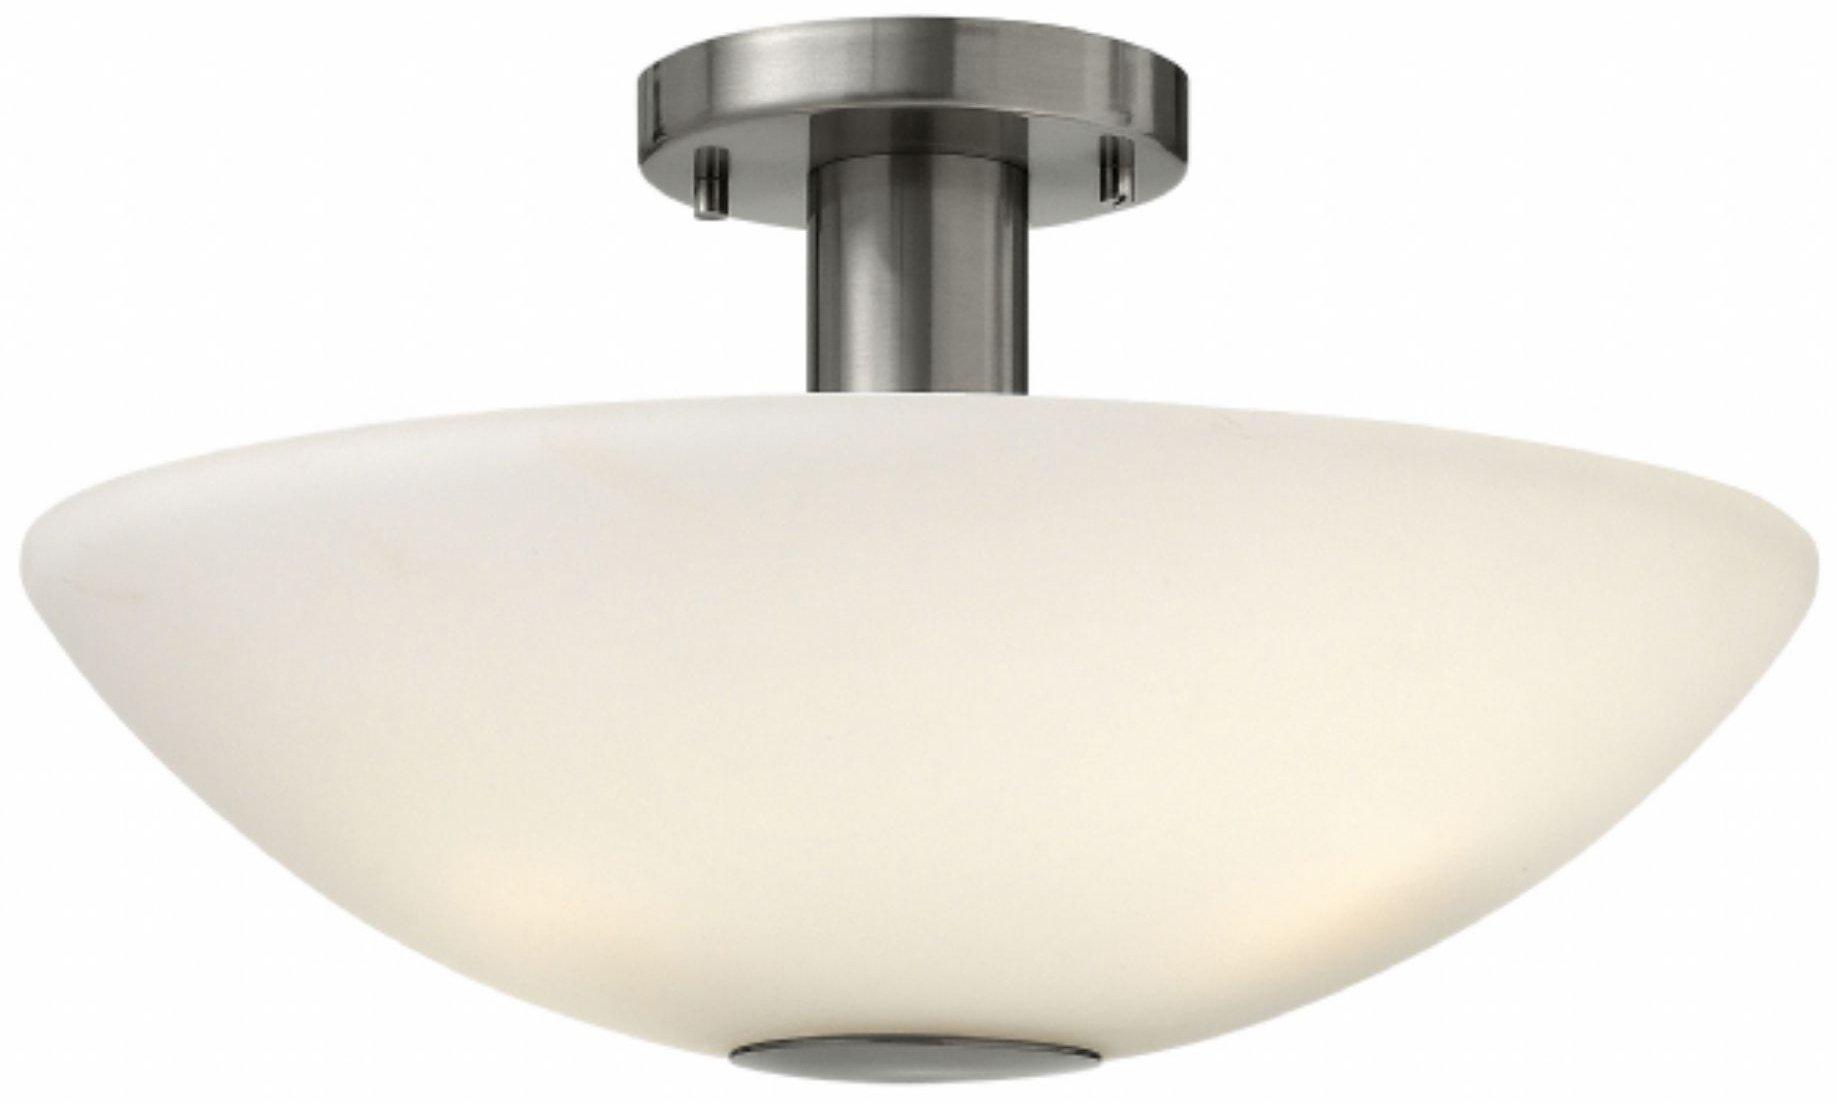 hinkley lighting 3341bn camden modern contemporary semi